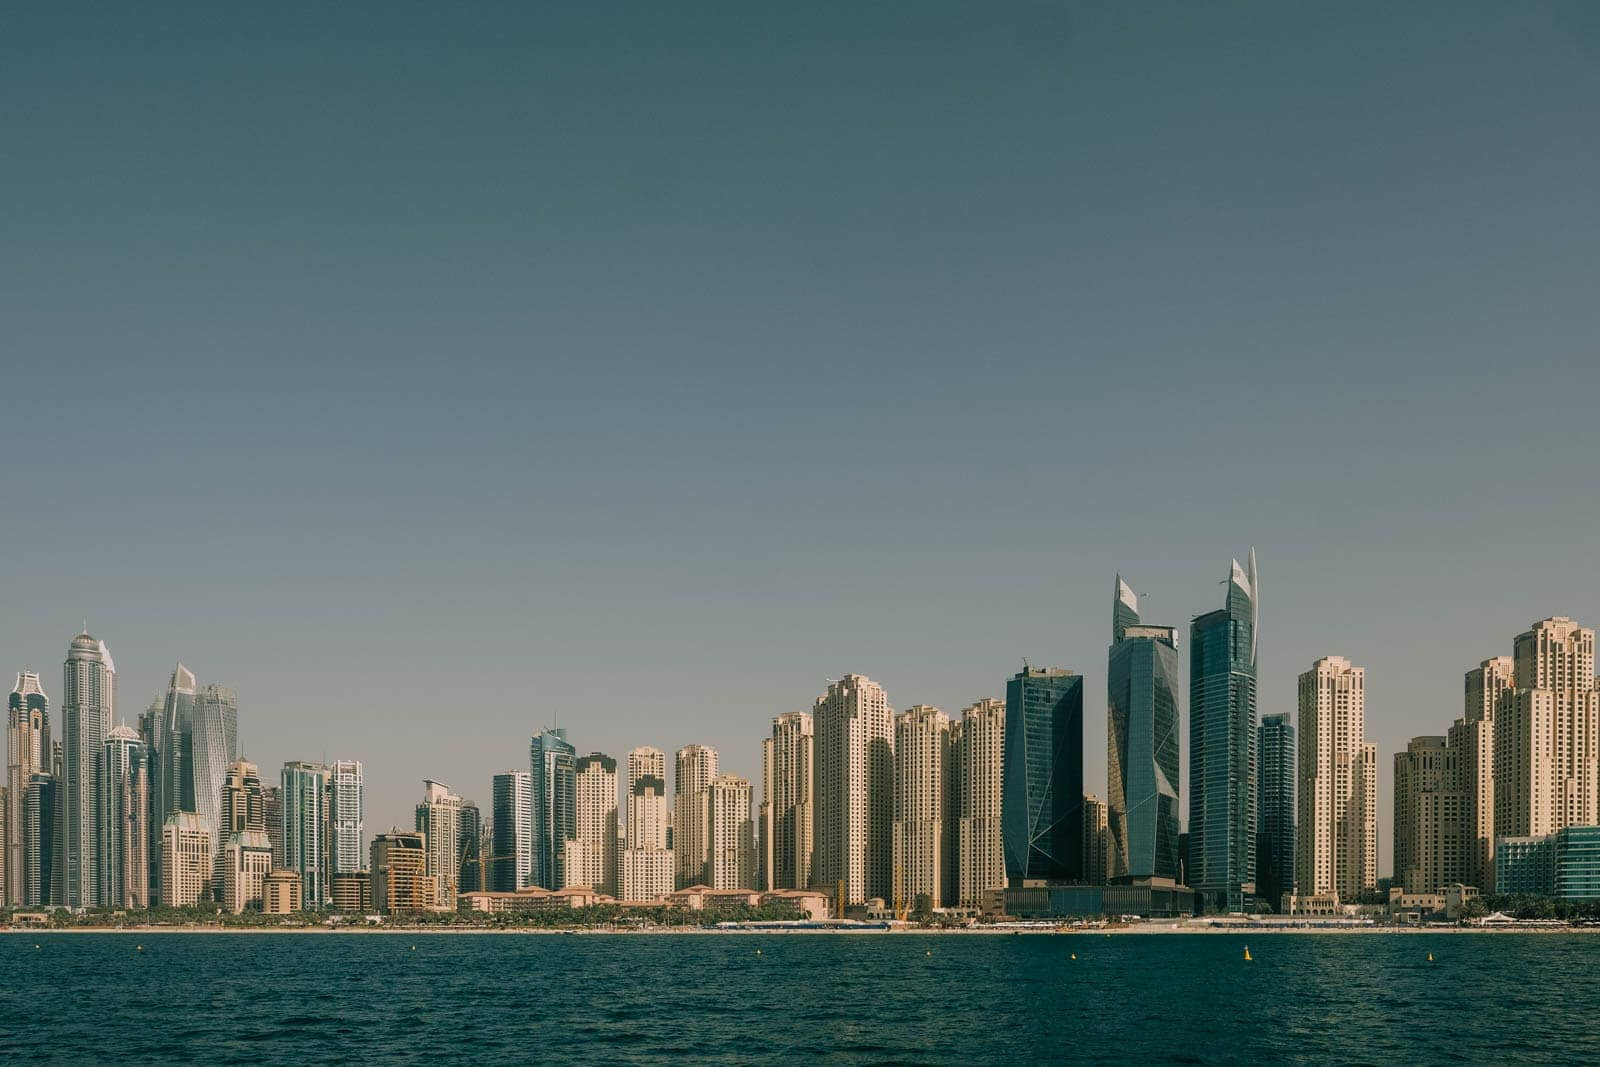 Dubai skyscrapers